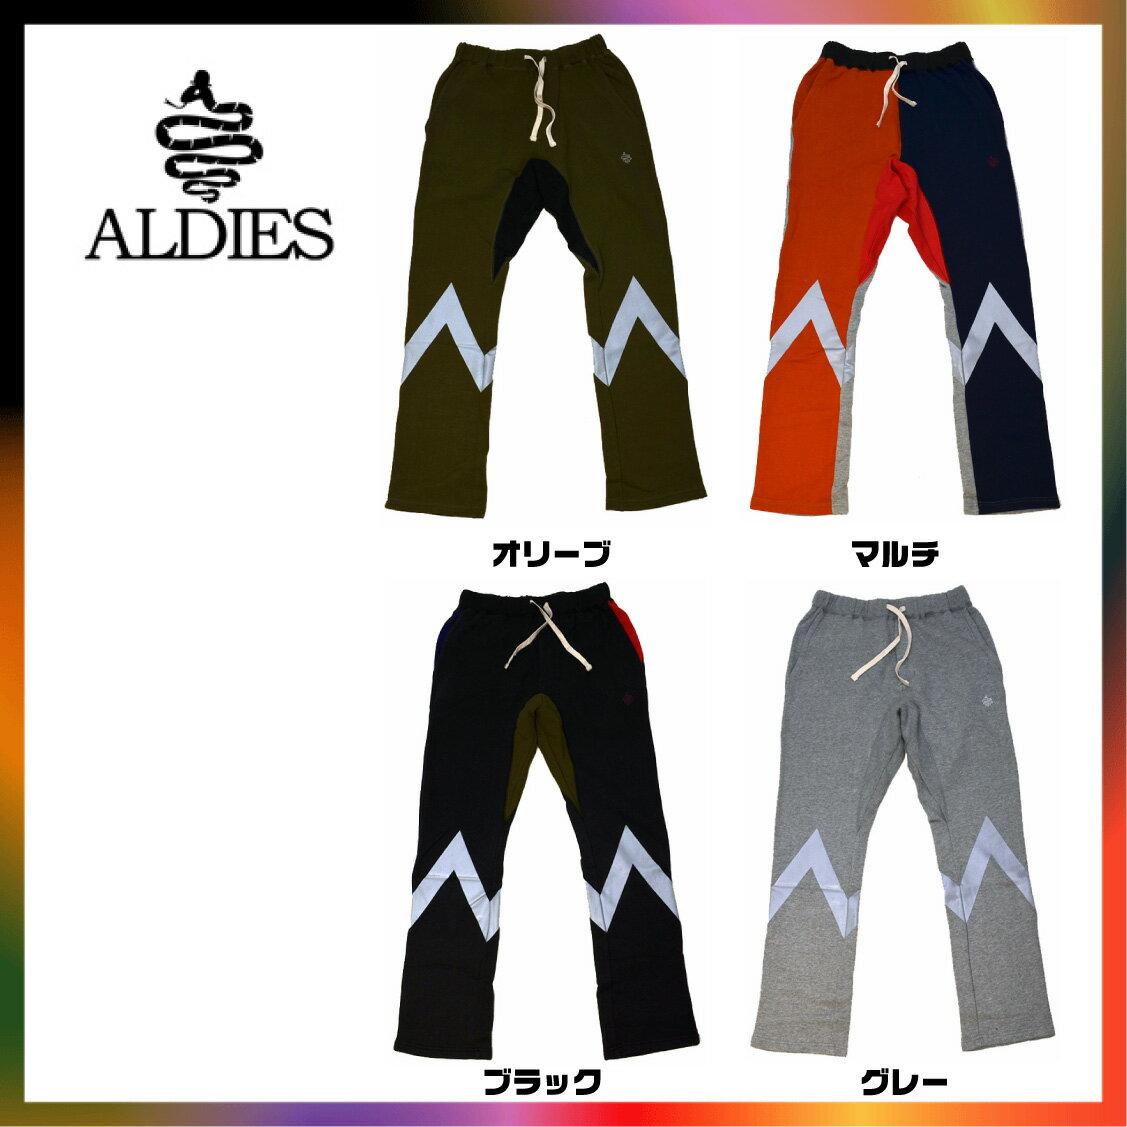 ALDIES アールディーズ Sweat Pants スウェットパンツ リフレクター